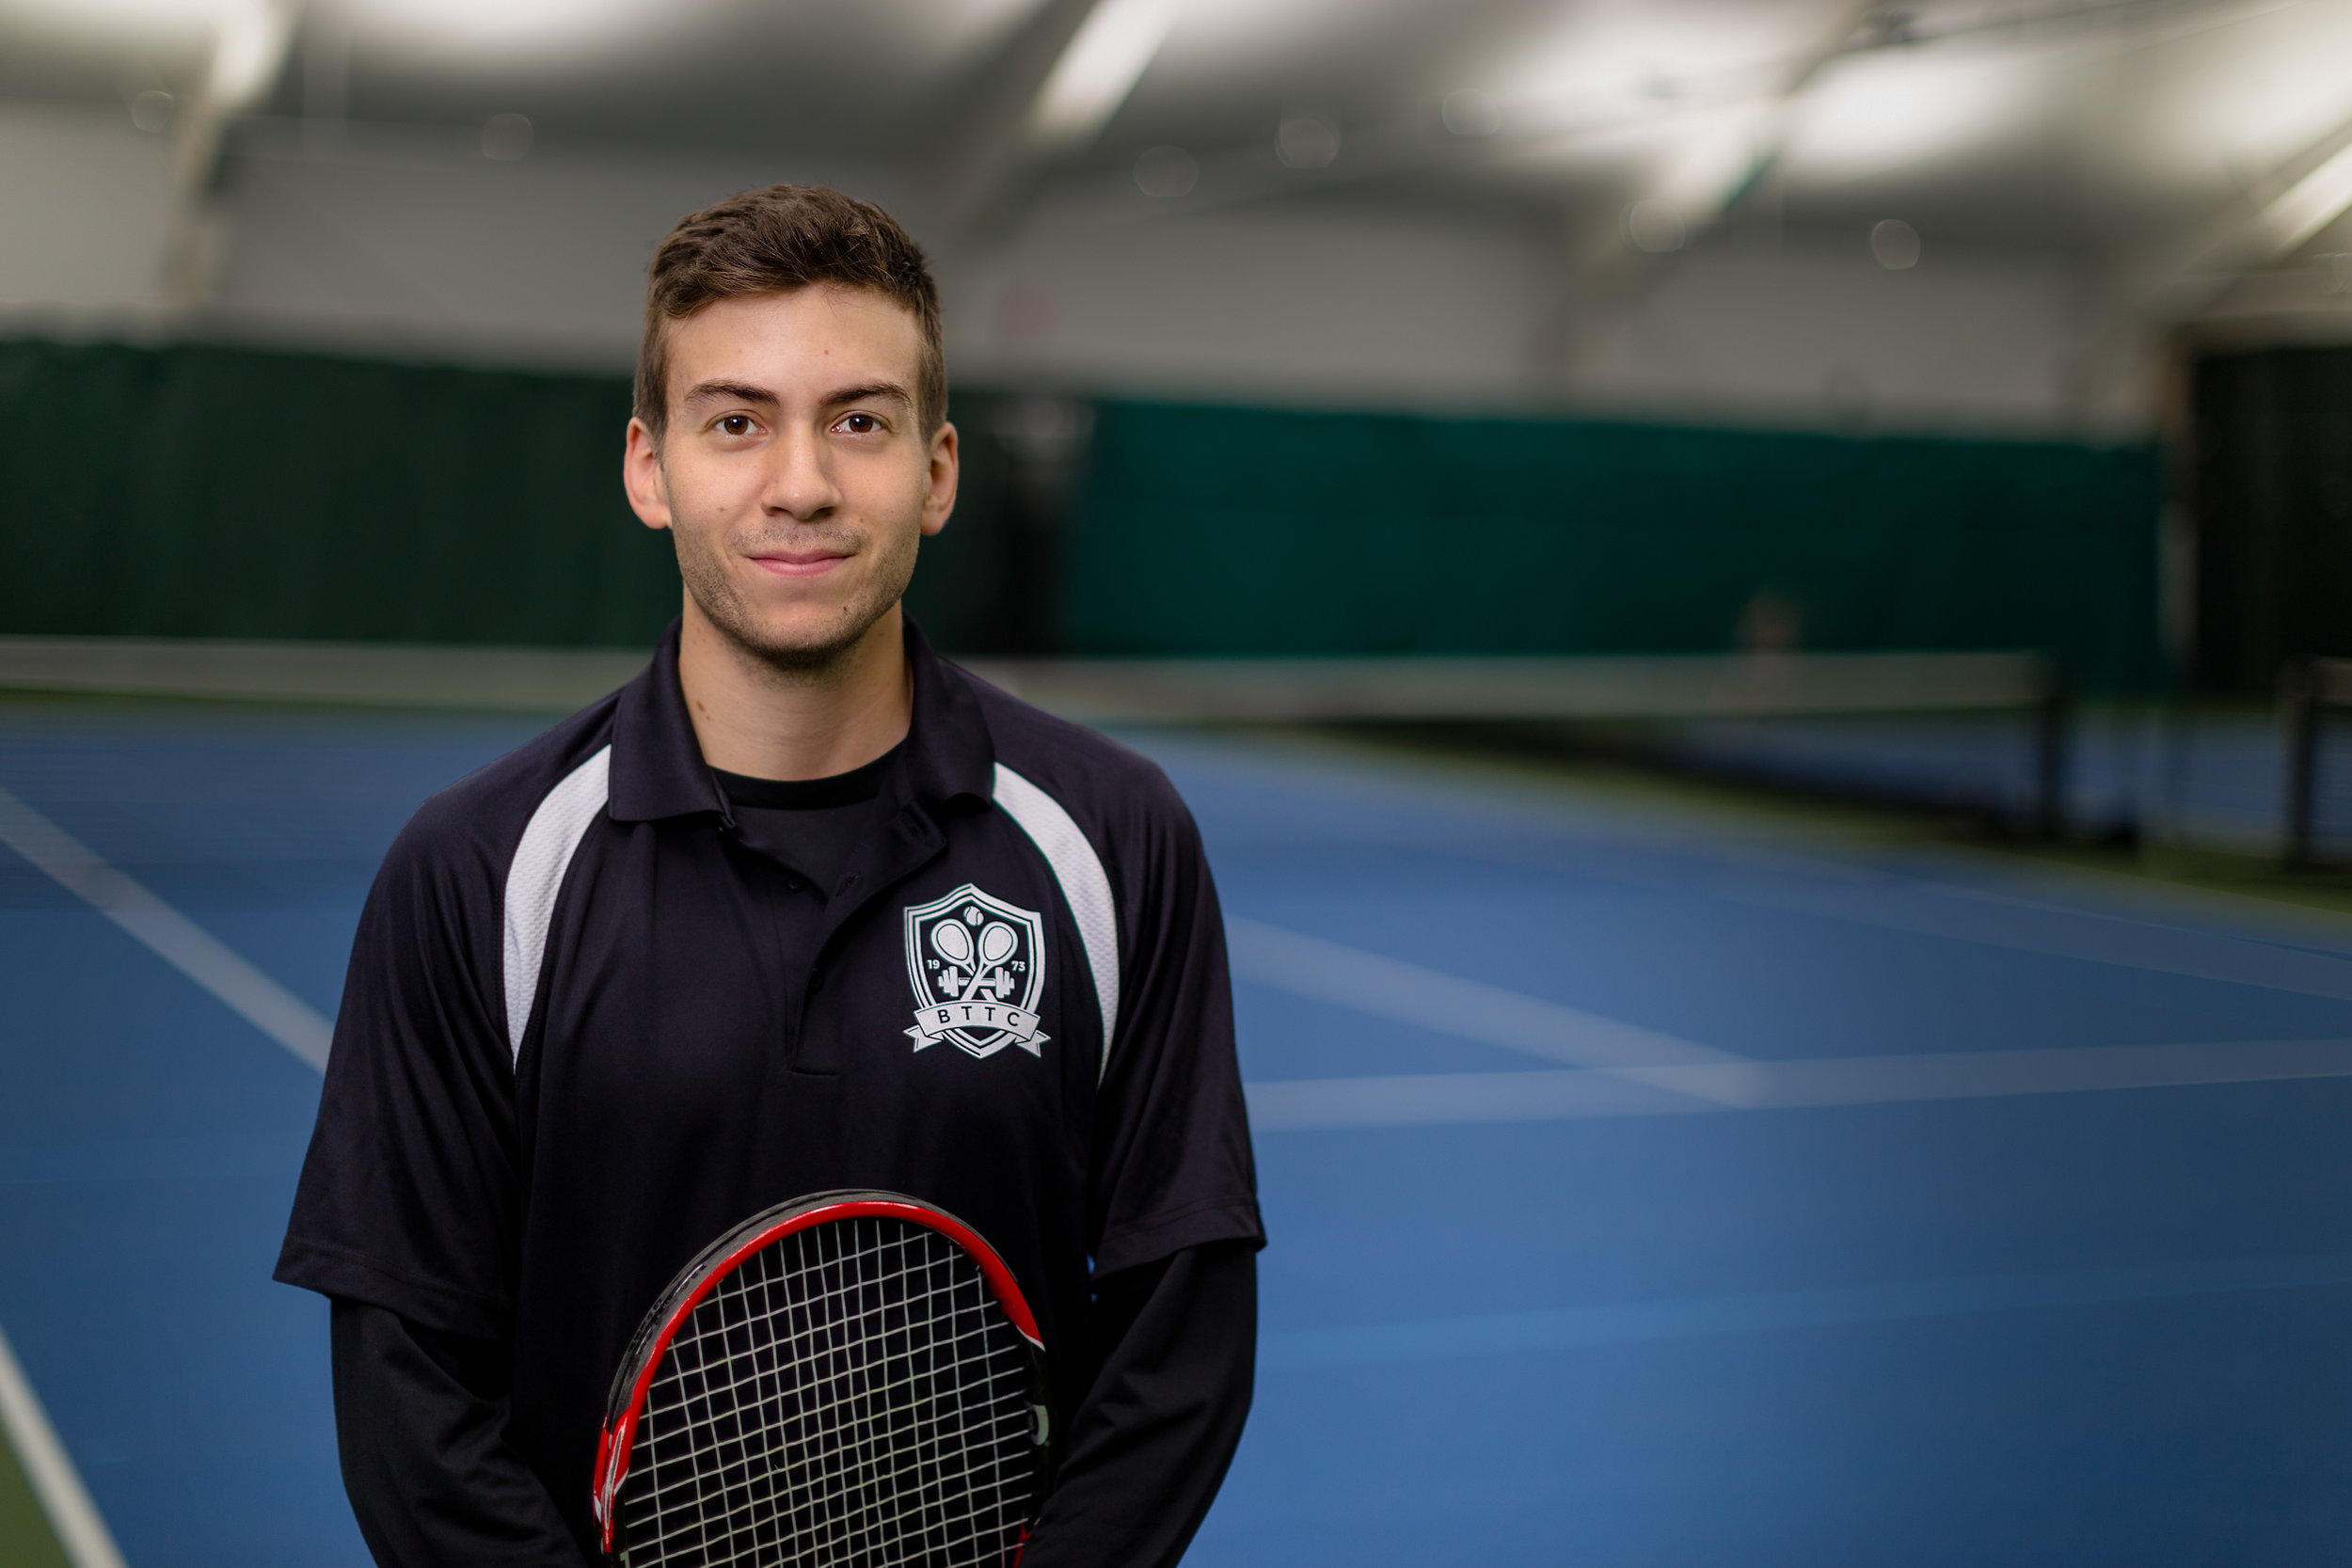 BTTC Tennis Pro Griffin Wood